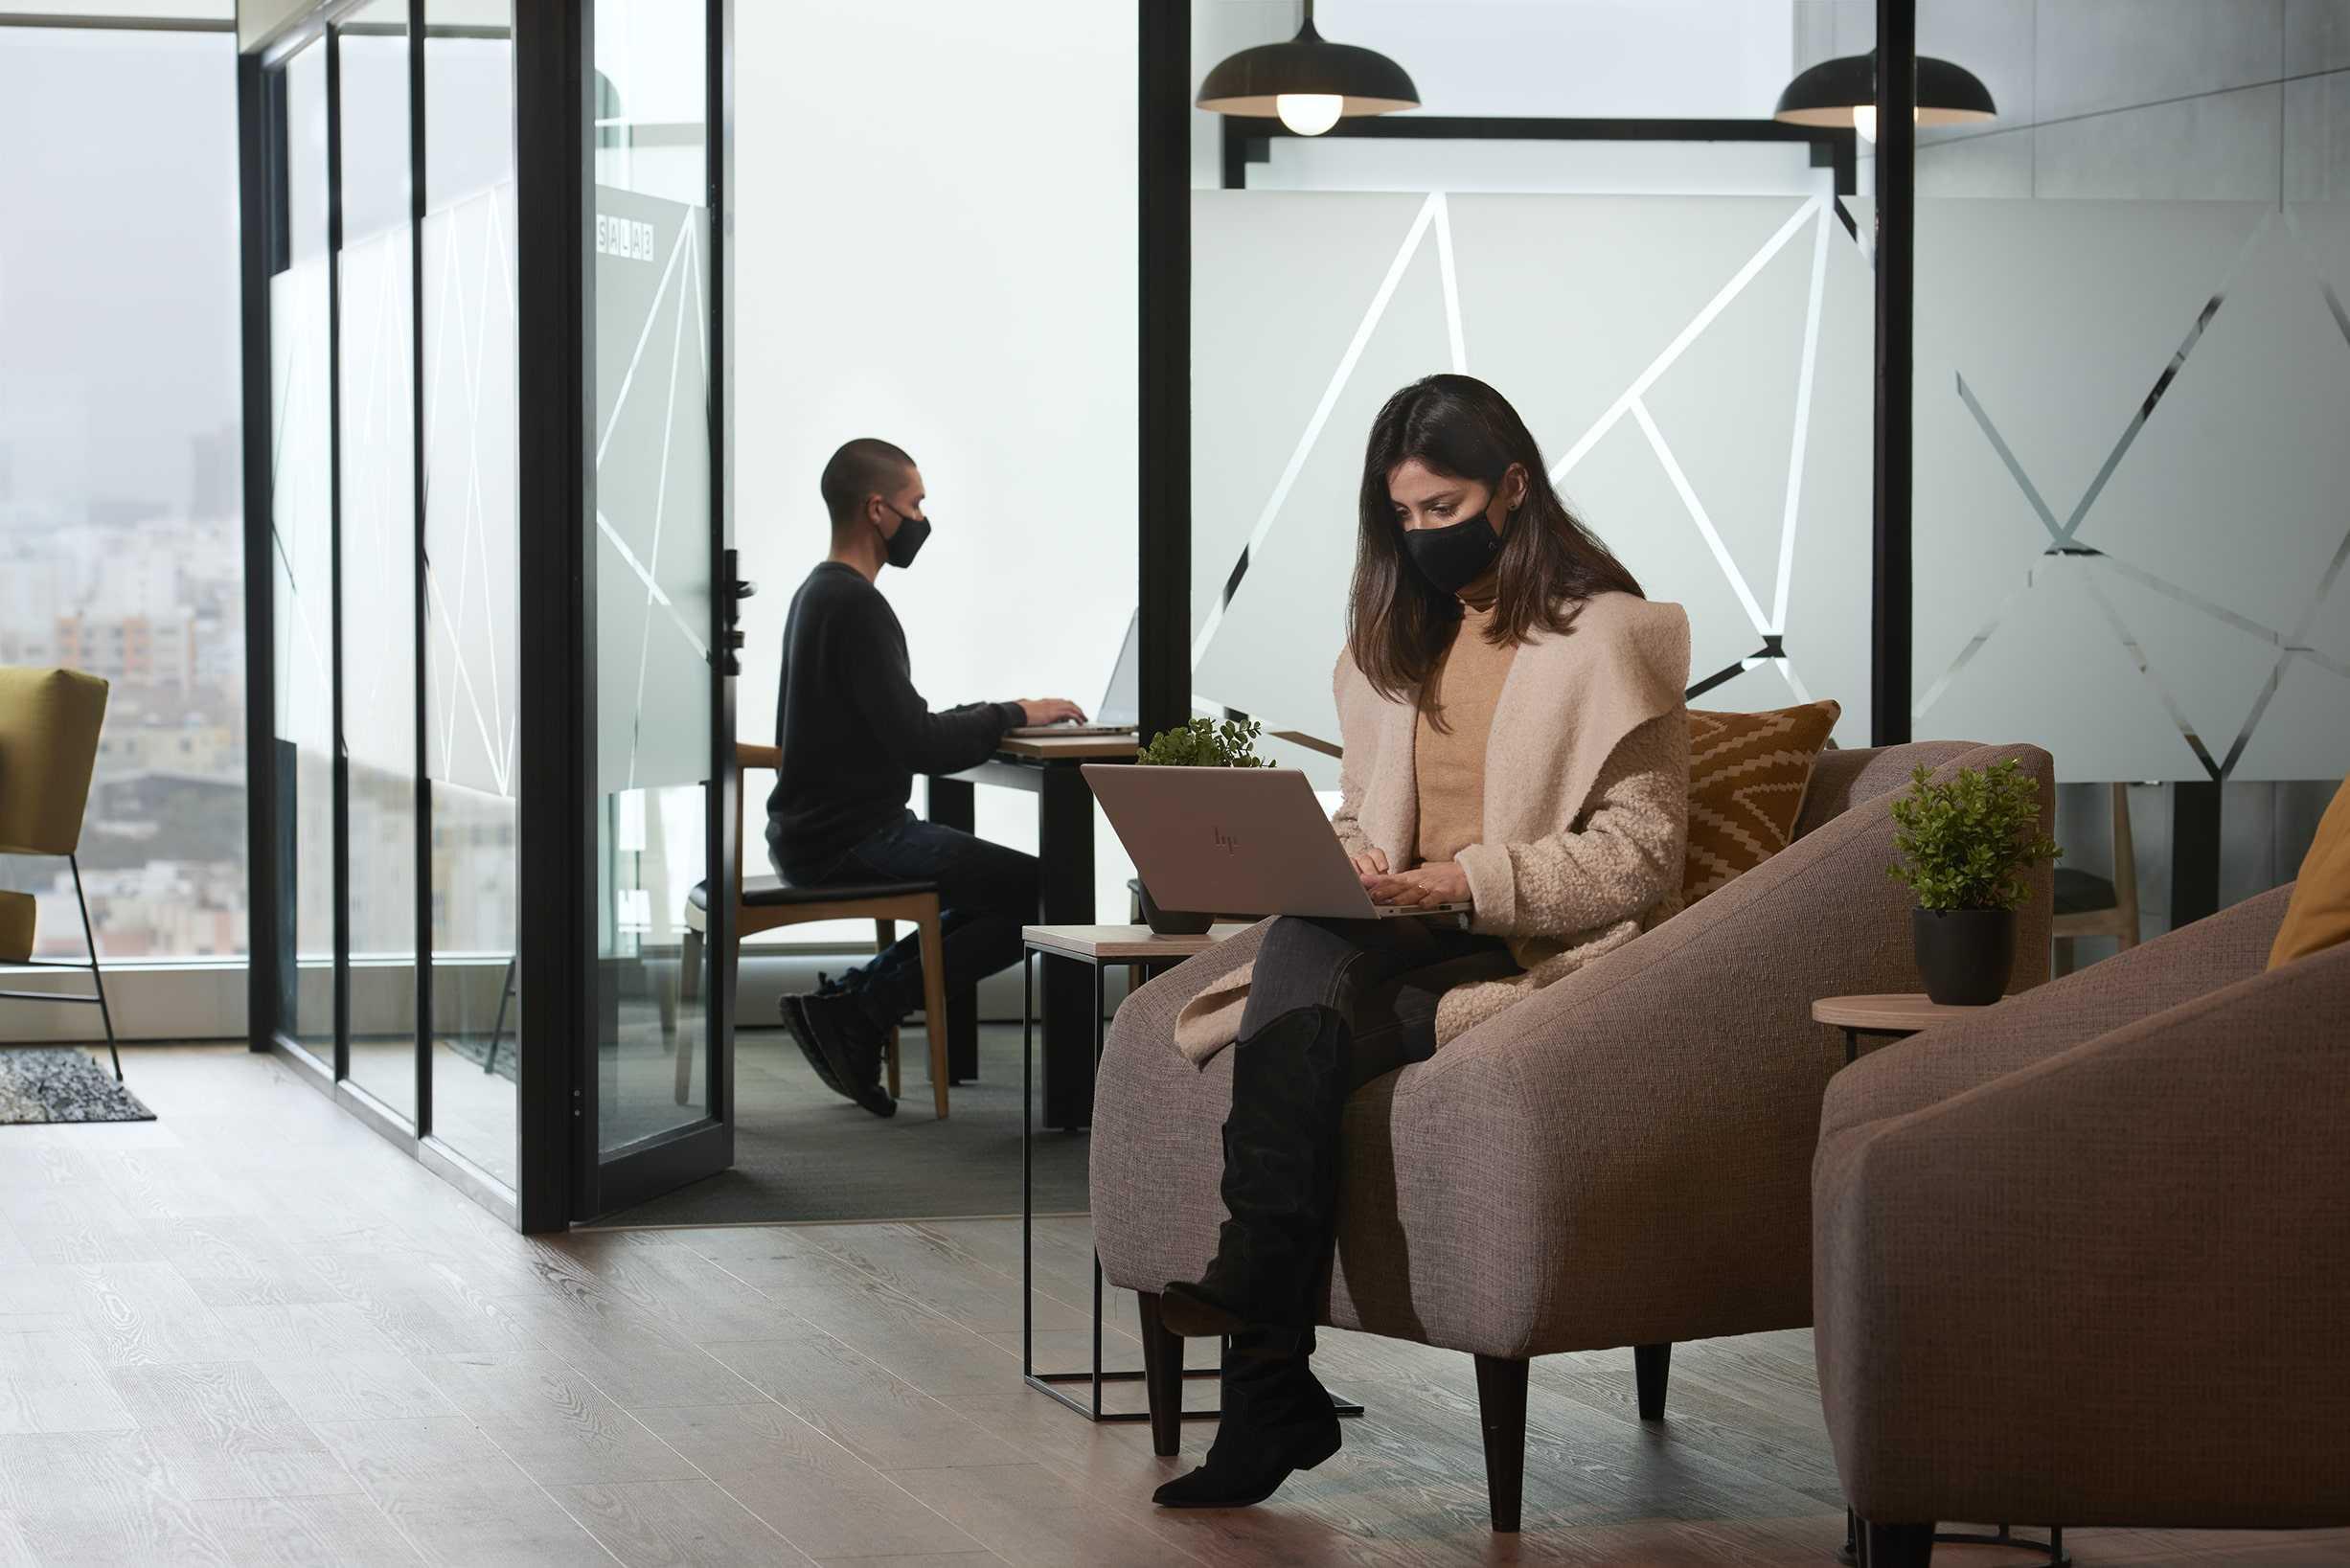 dos personas trabajando en una sala comedor